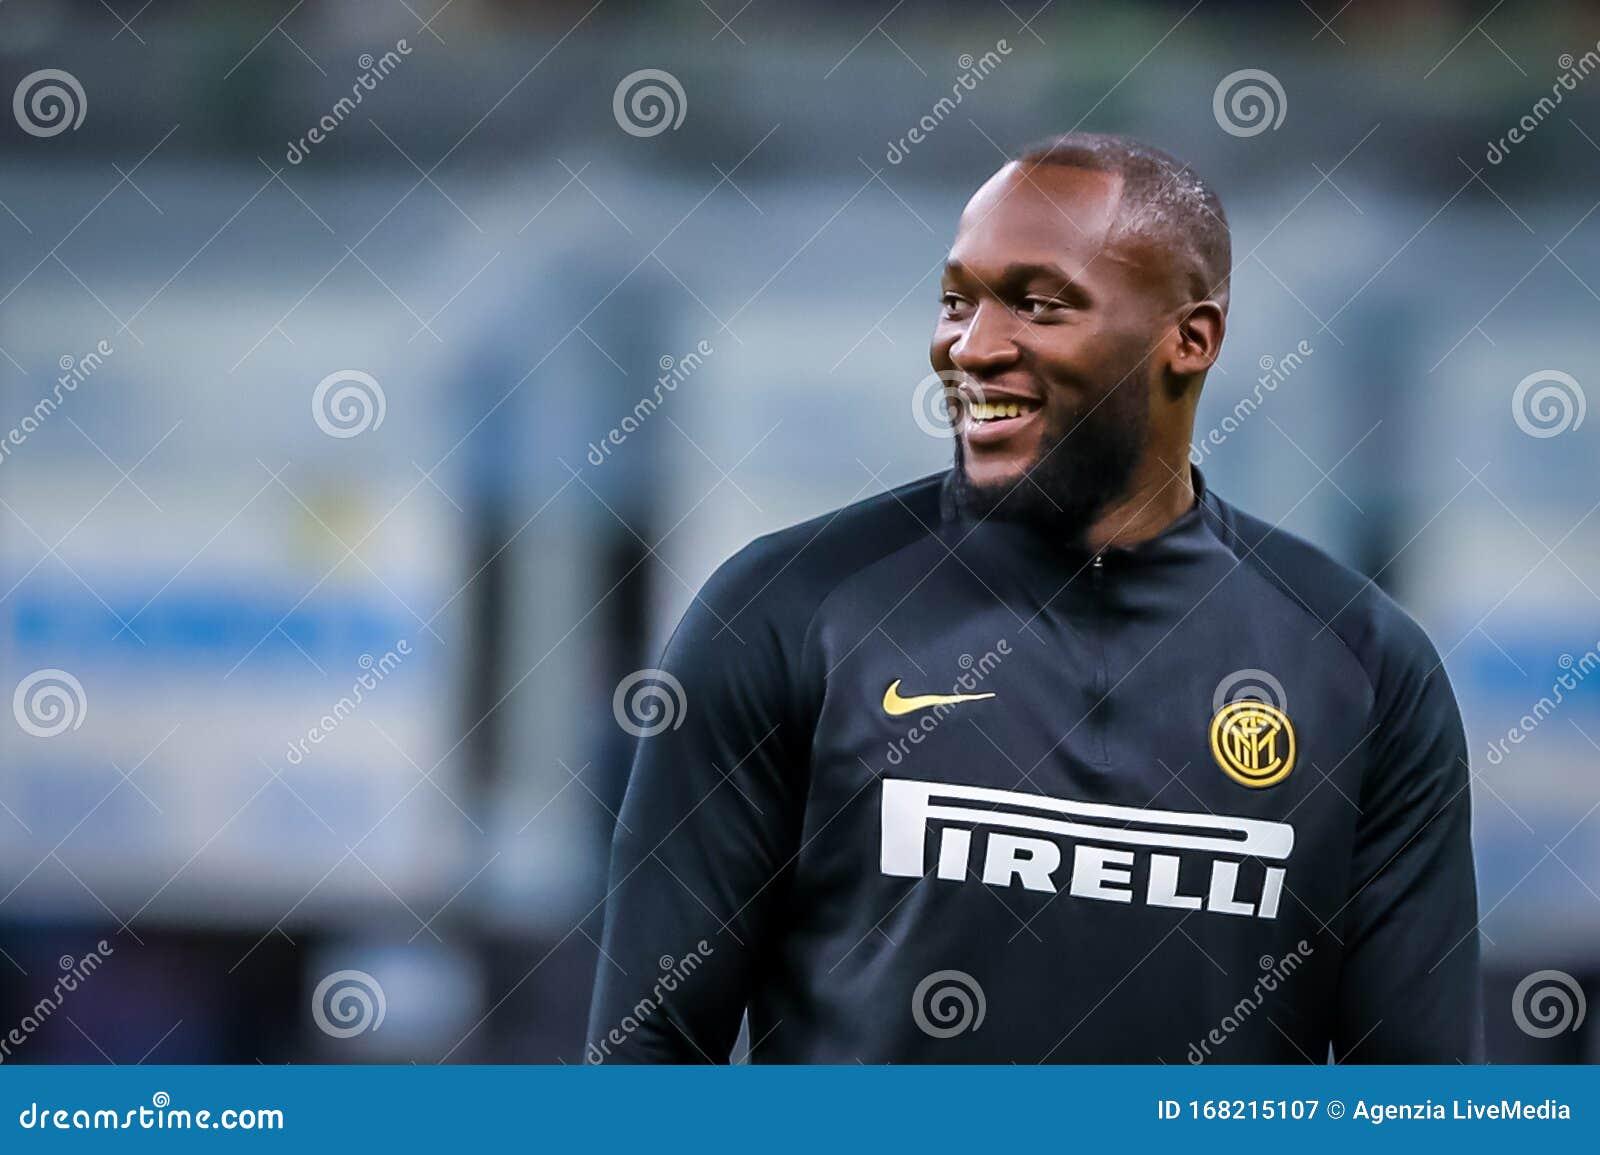 Inter vs Genoa Live Stream  |Genoa,-inter